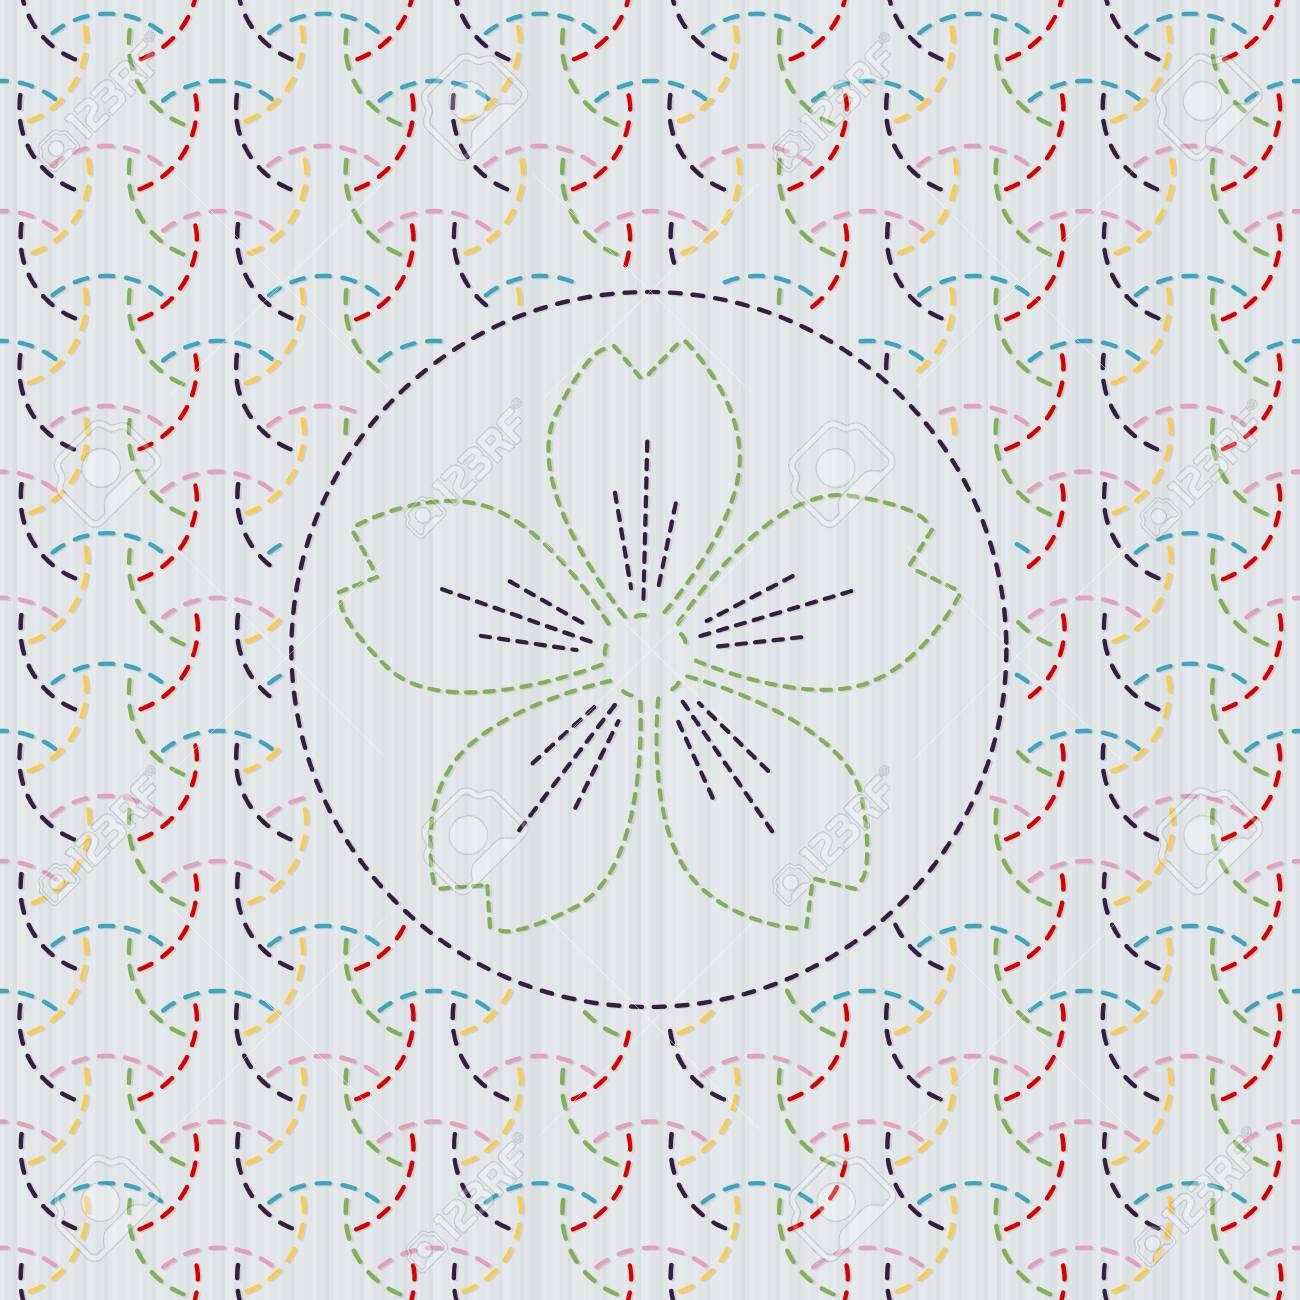 La Costura Tradicional Japonés. Sashiko. Resumen Telón De Fondo ...